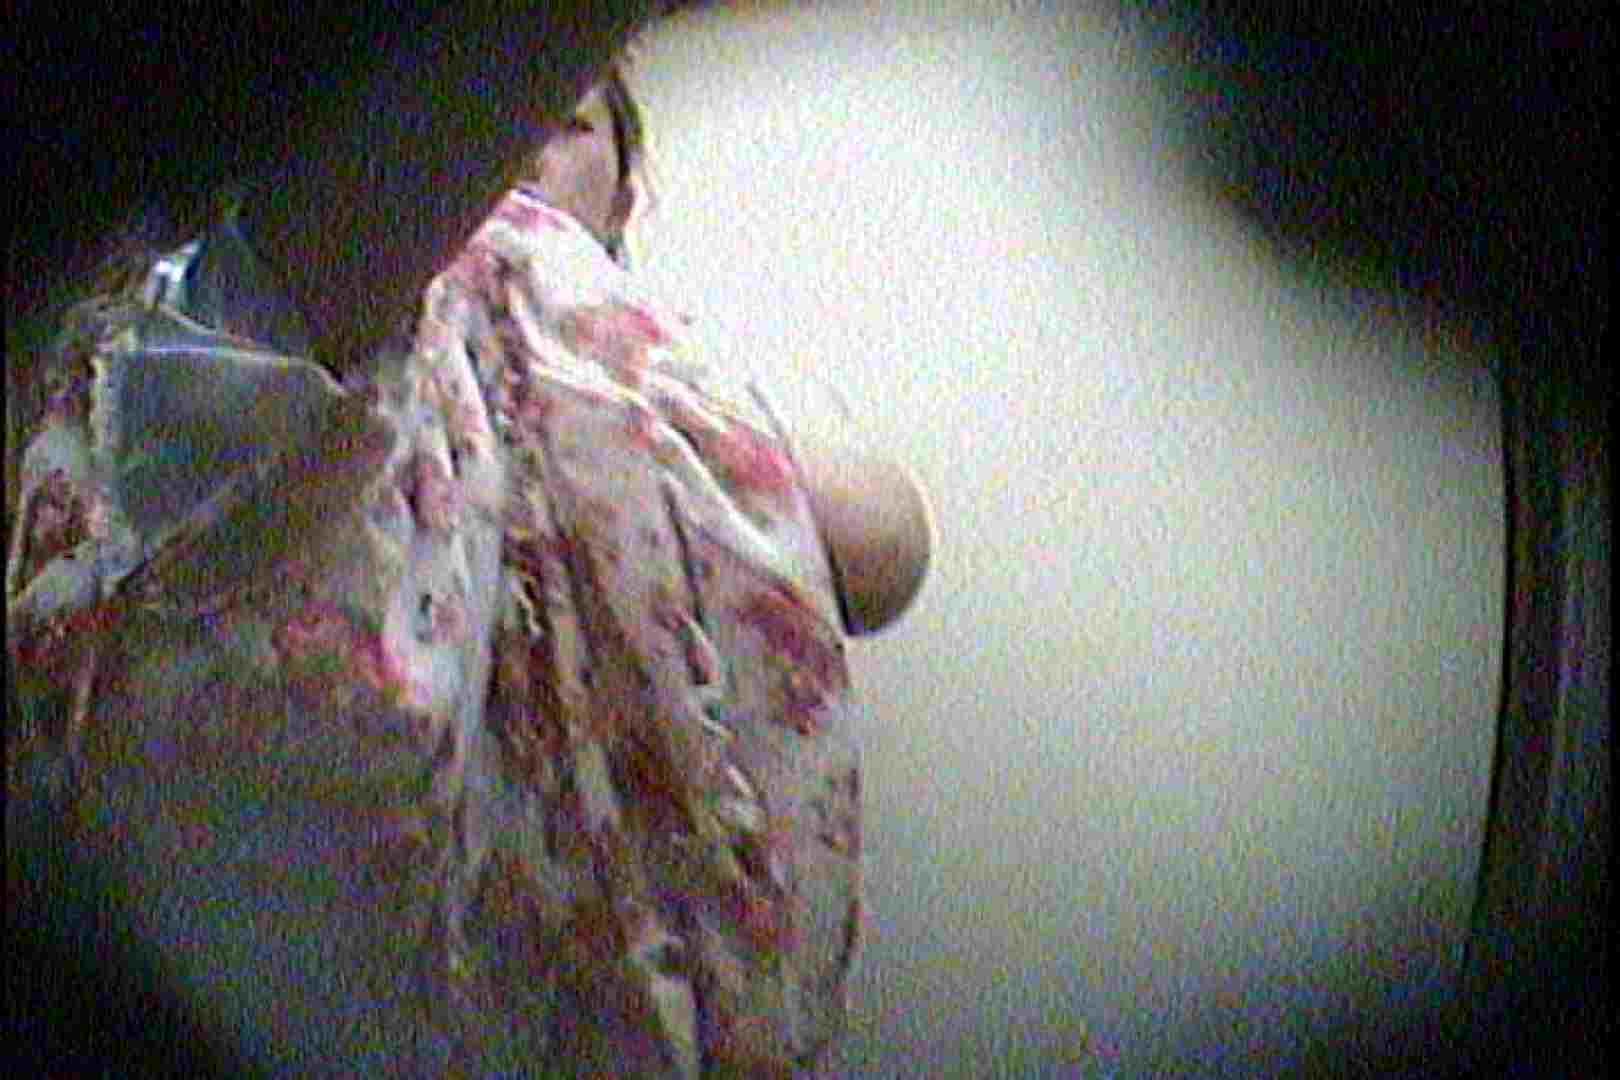 海の家の更衣室 Vol.21 美女のボディ エロ画像 99PIX 11